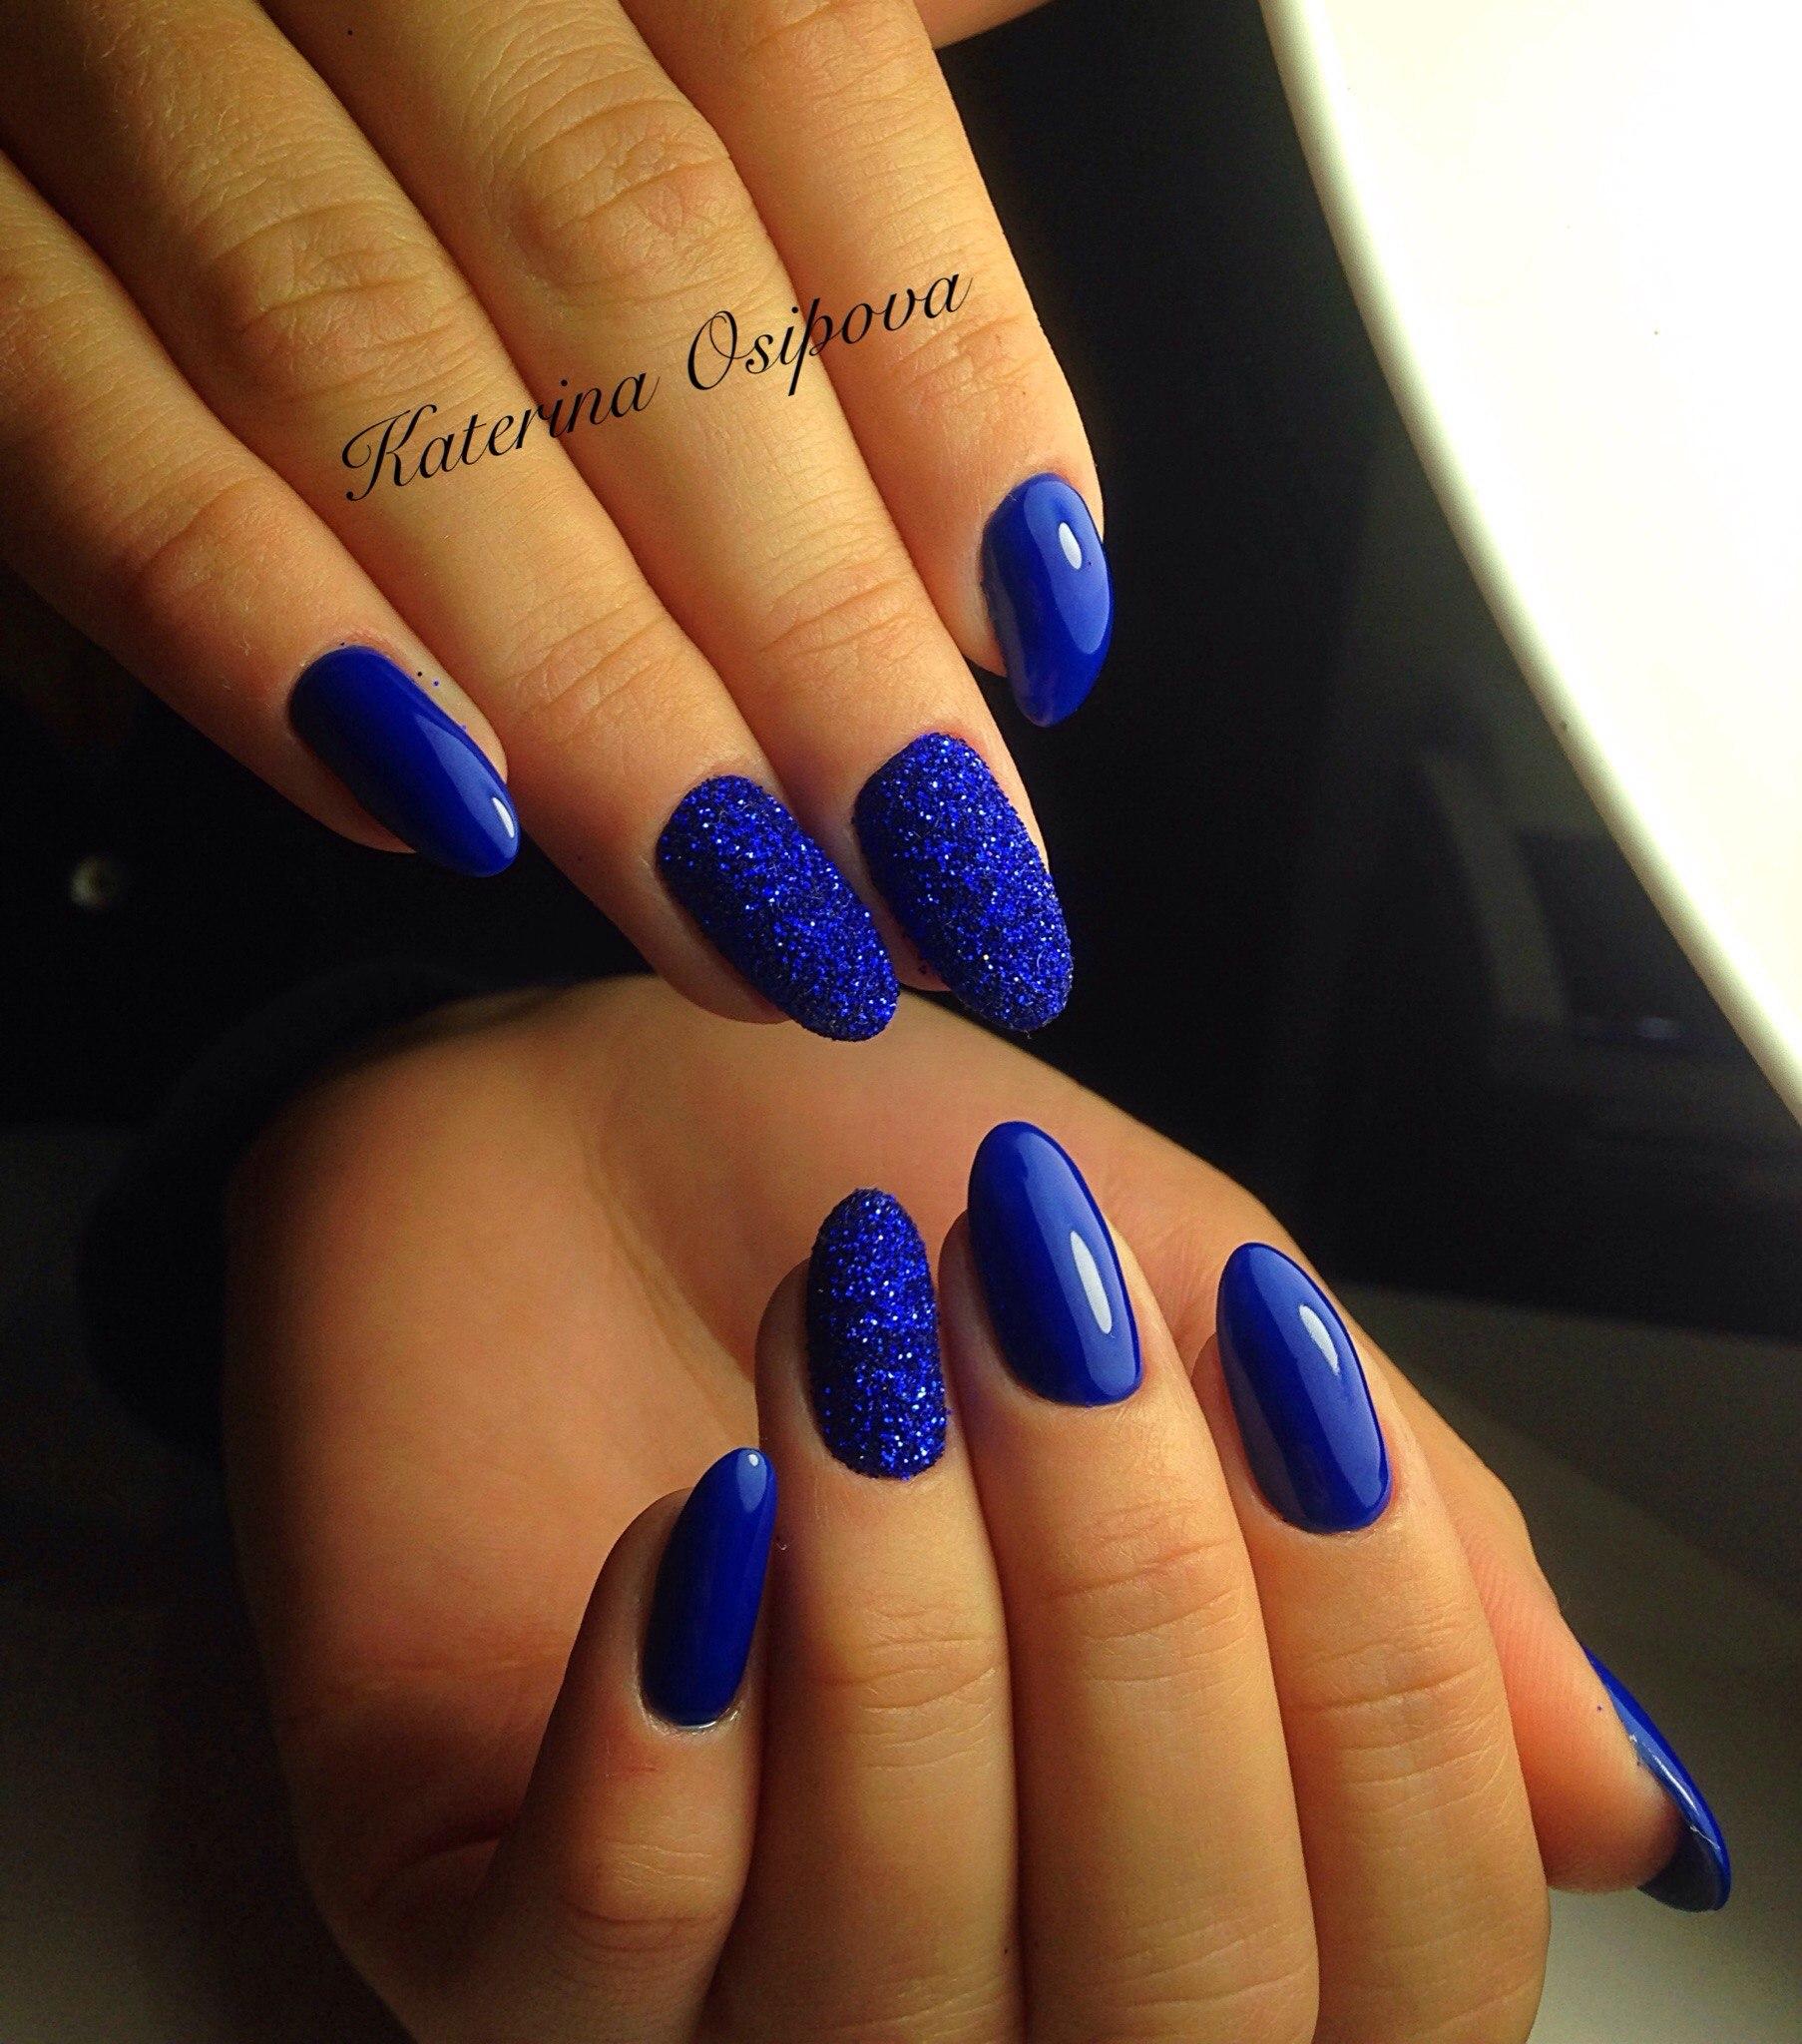 Маникюр на длинные ногти синий цвет